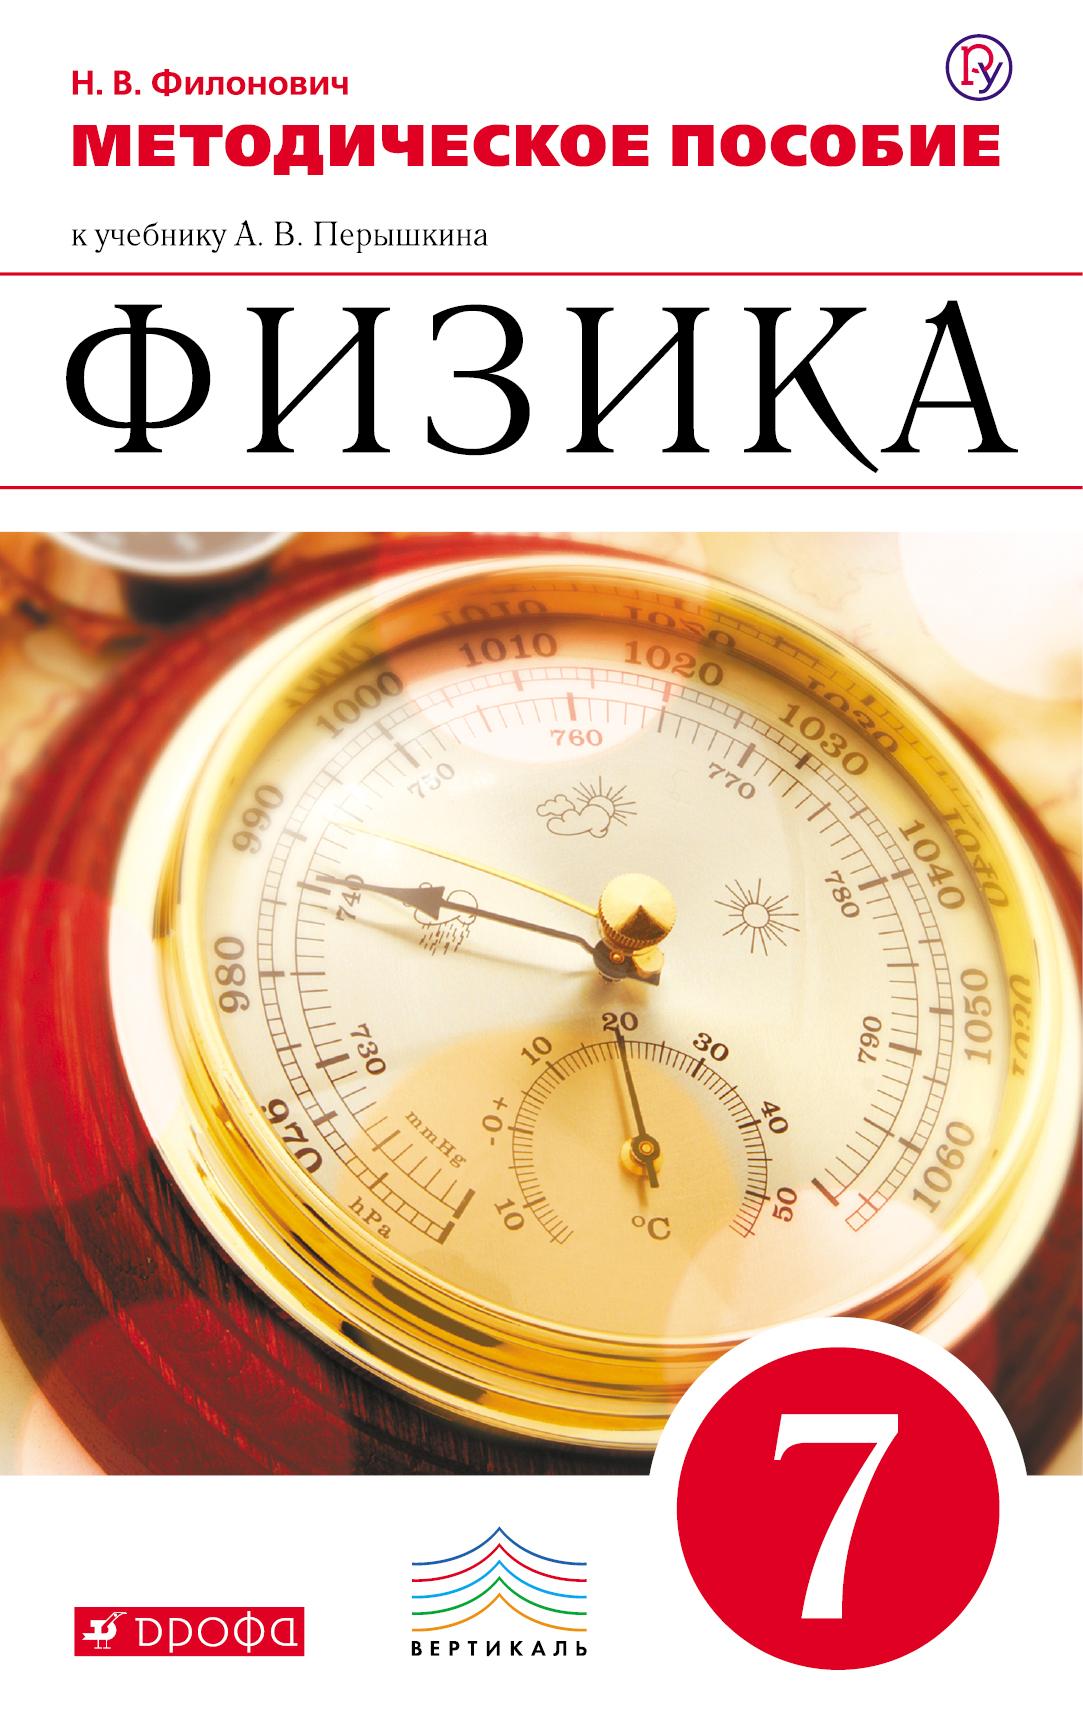 Отсутствует Методическое пособие к учебнику А. В. Перышкина «Физика. 7 класс» филонович н в физика 7 класс методическое пособие